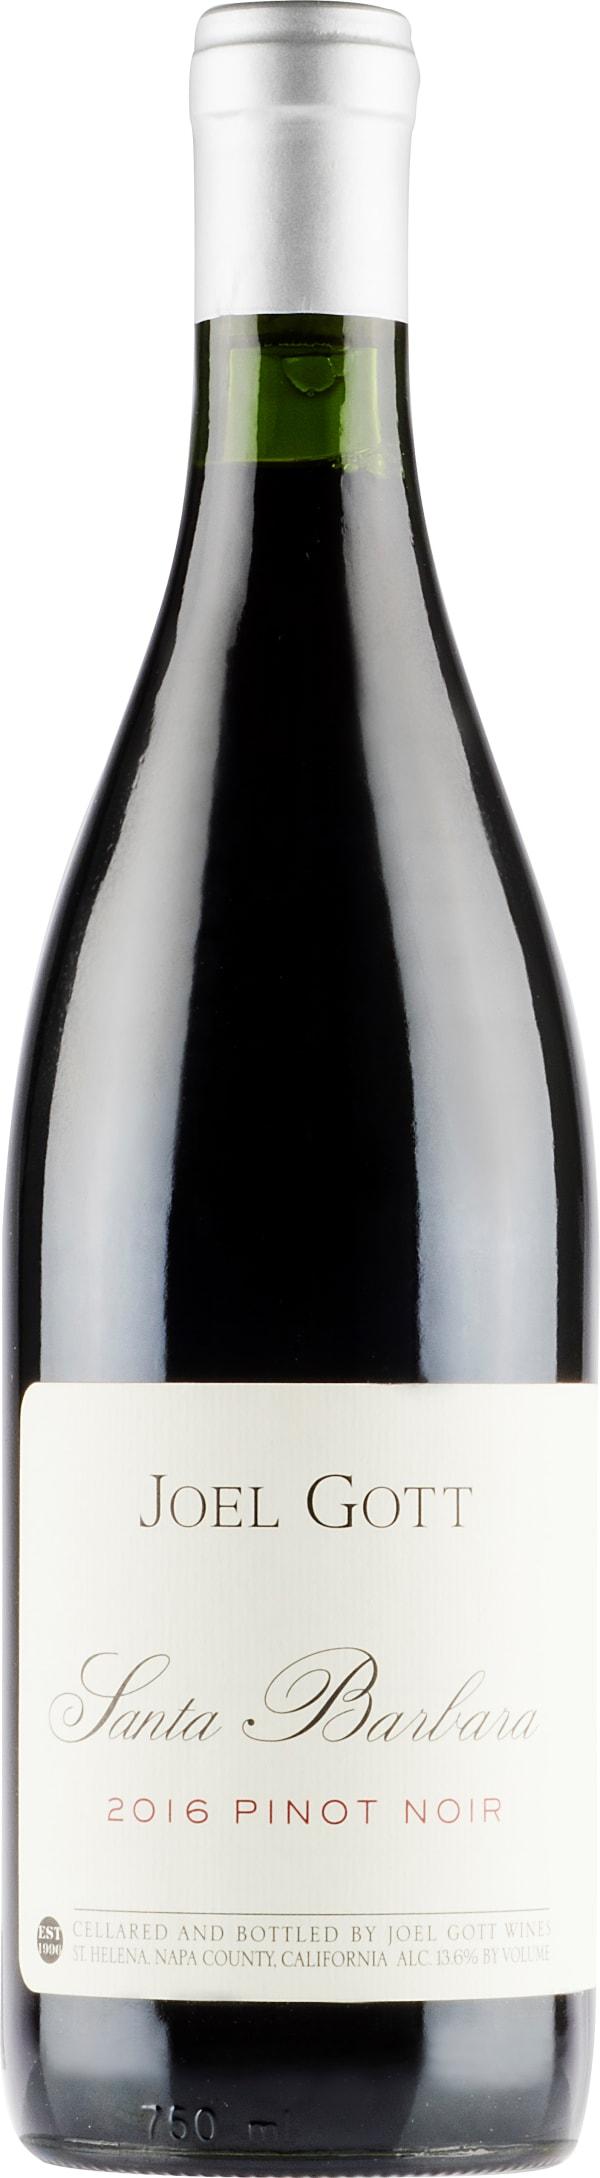 Joel Gott Santa Barbara Pinot Noir 2016